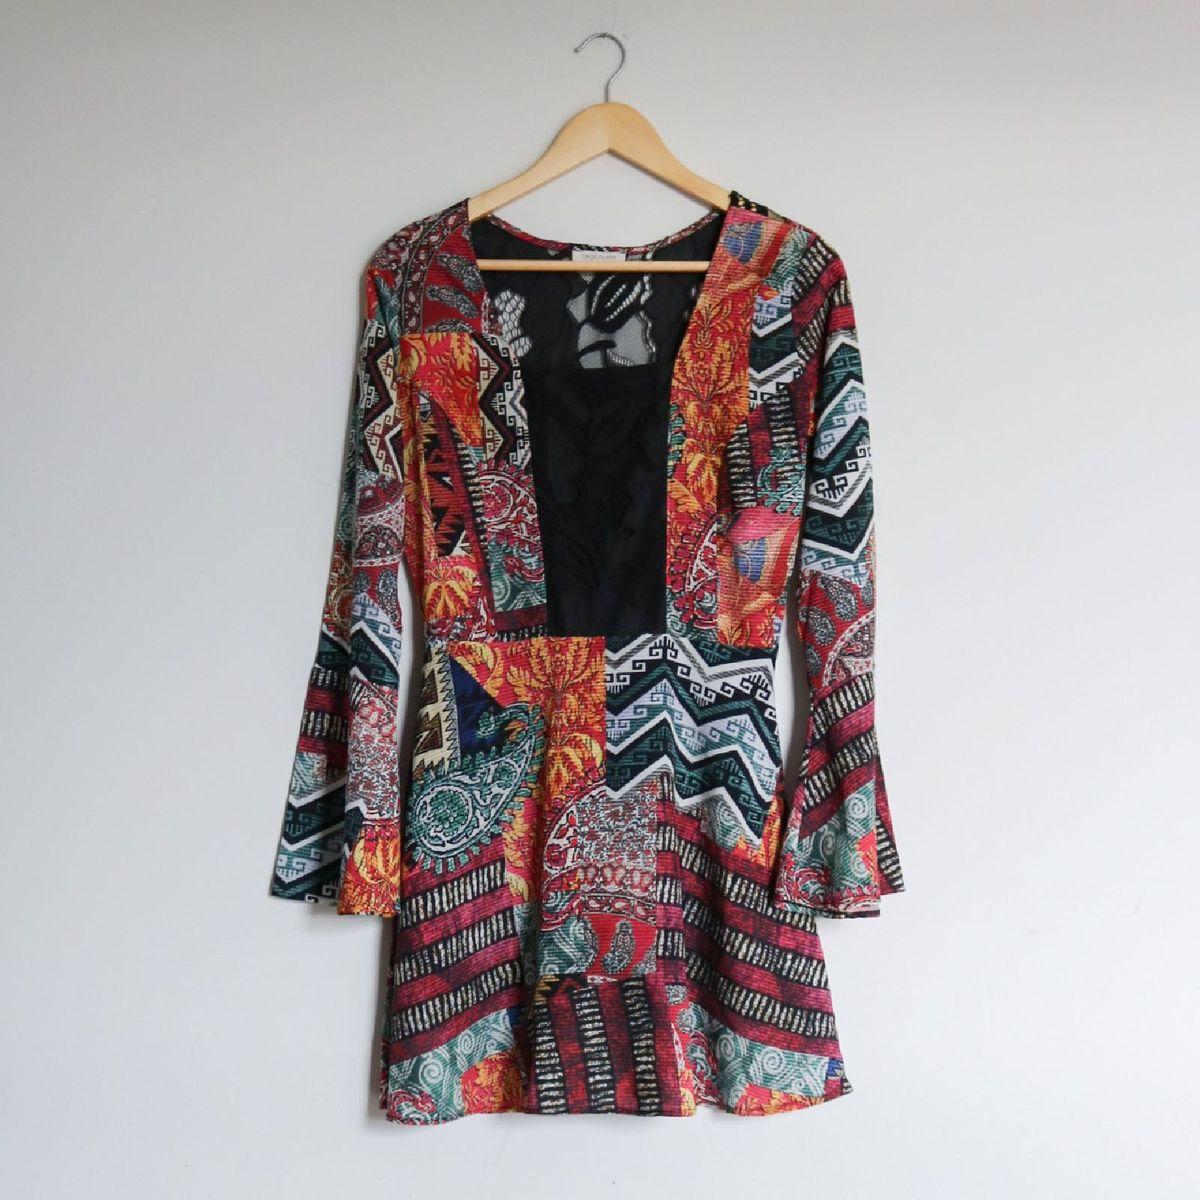 vestido estampado - vestidos chocoleite